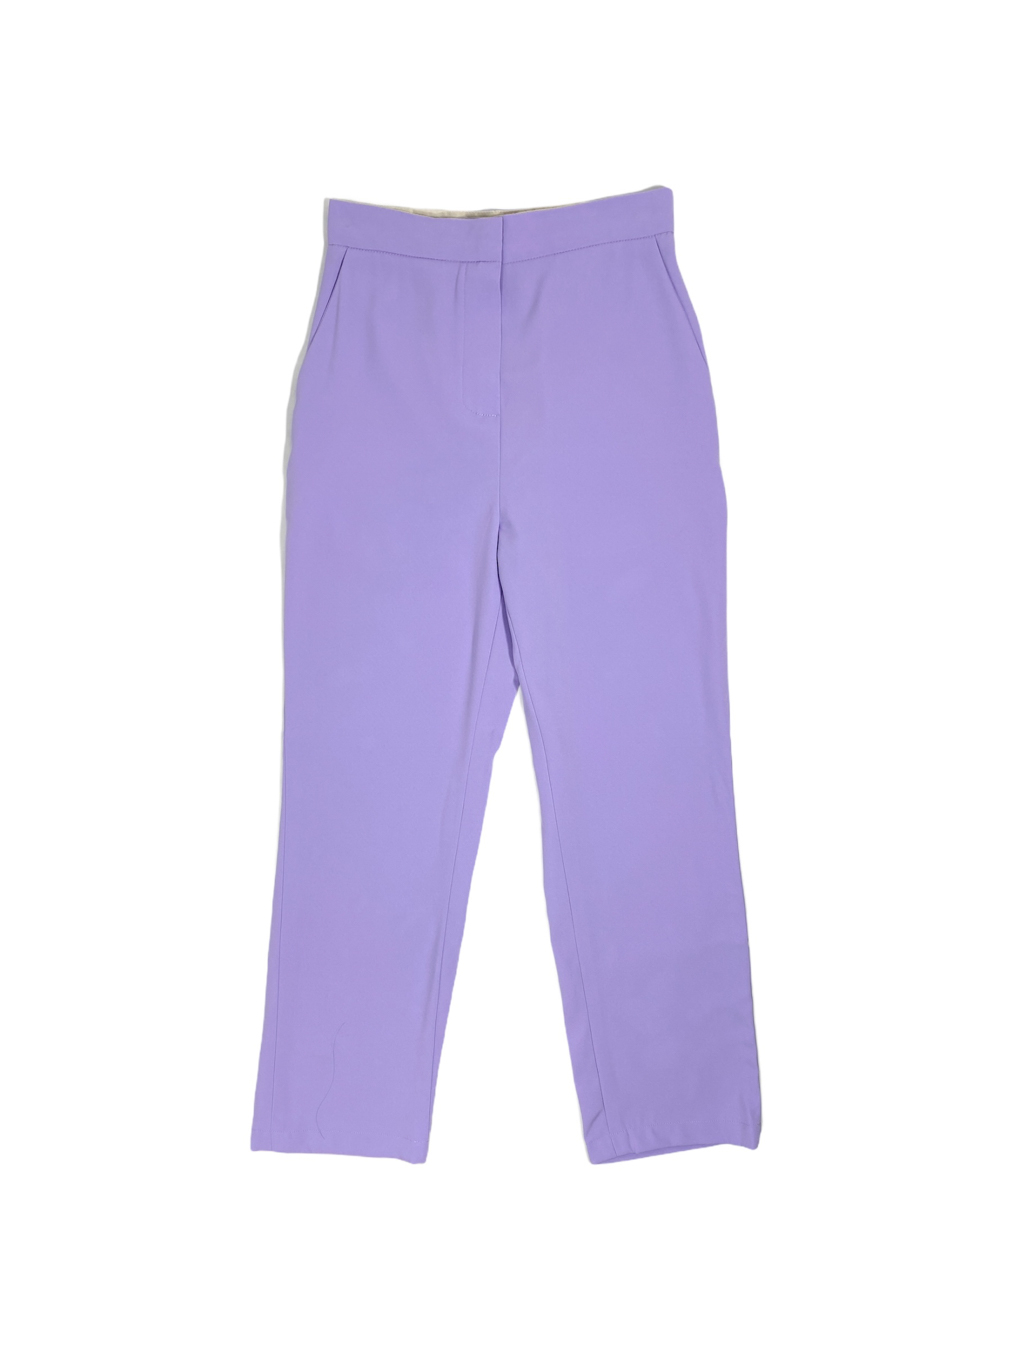 Sydney Pants (Purple Lavender)